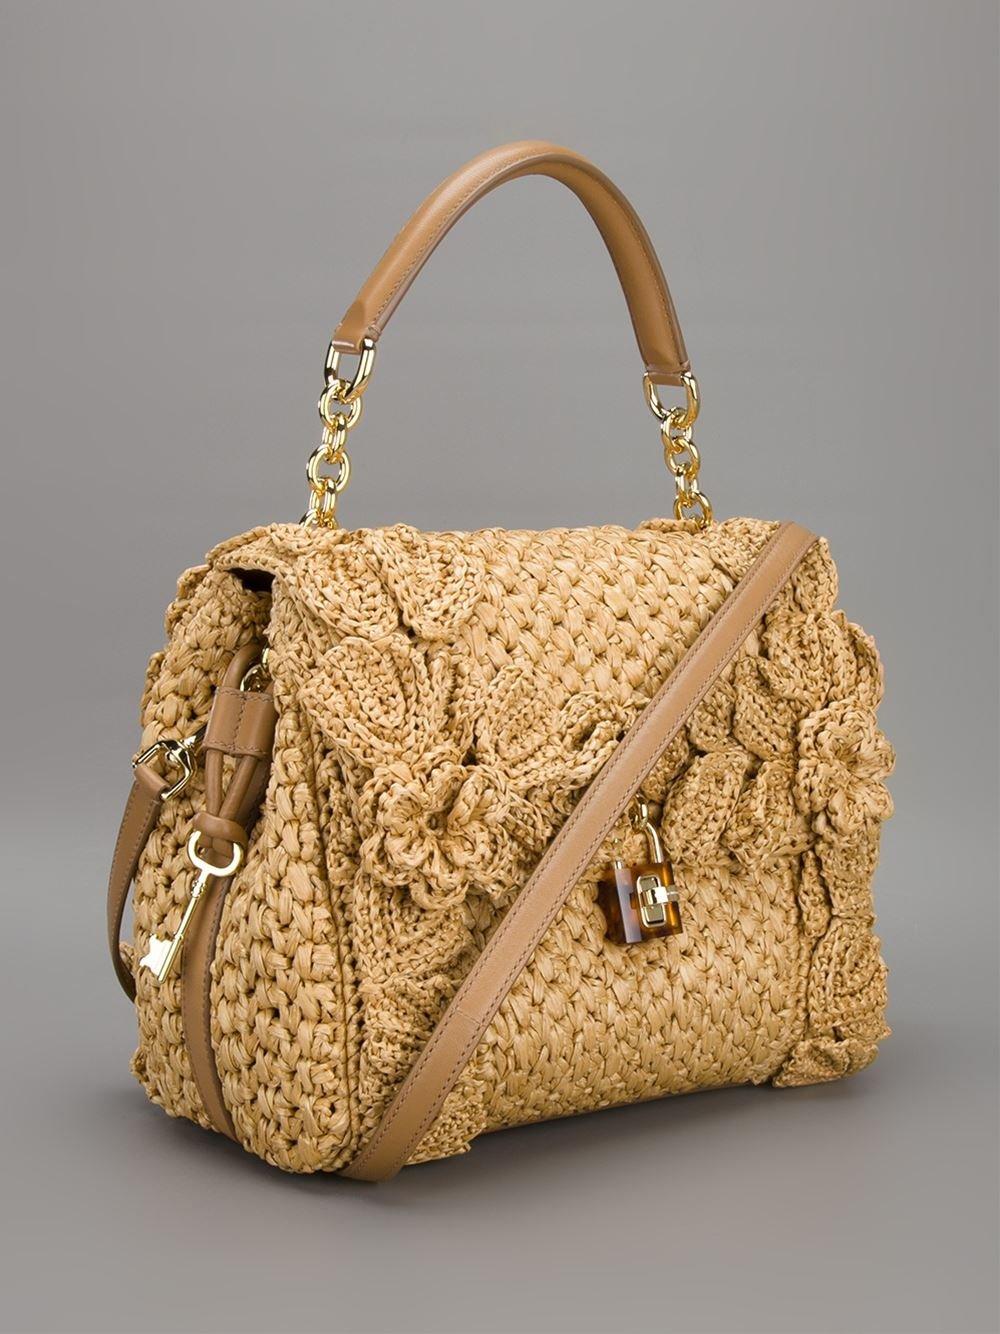 Dolce gabbana 39 sicily 39 raffia handbag in natural lyst for Schemi borse uncinetto